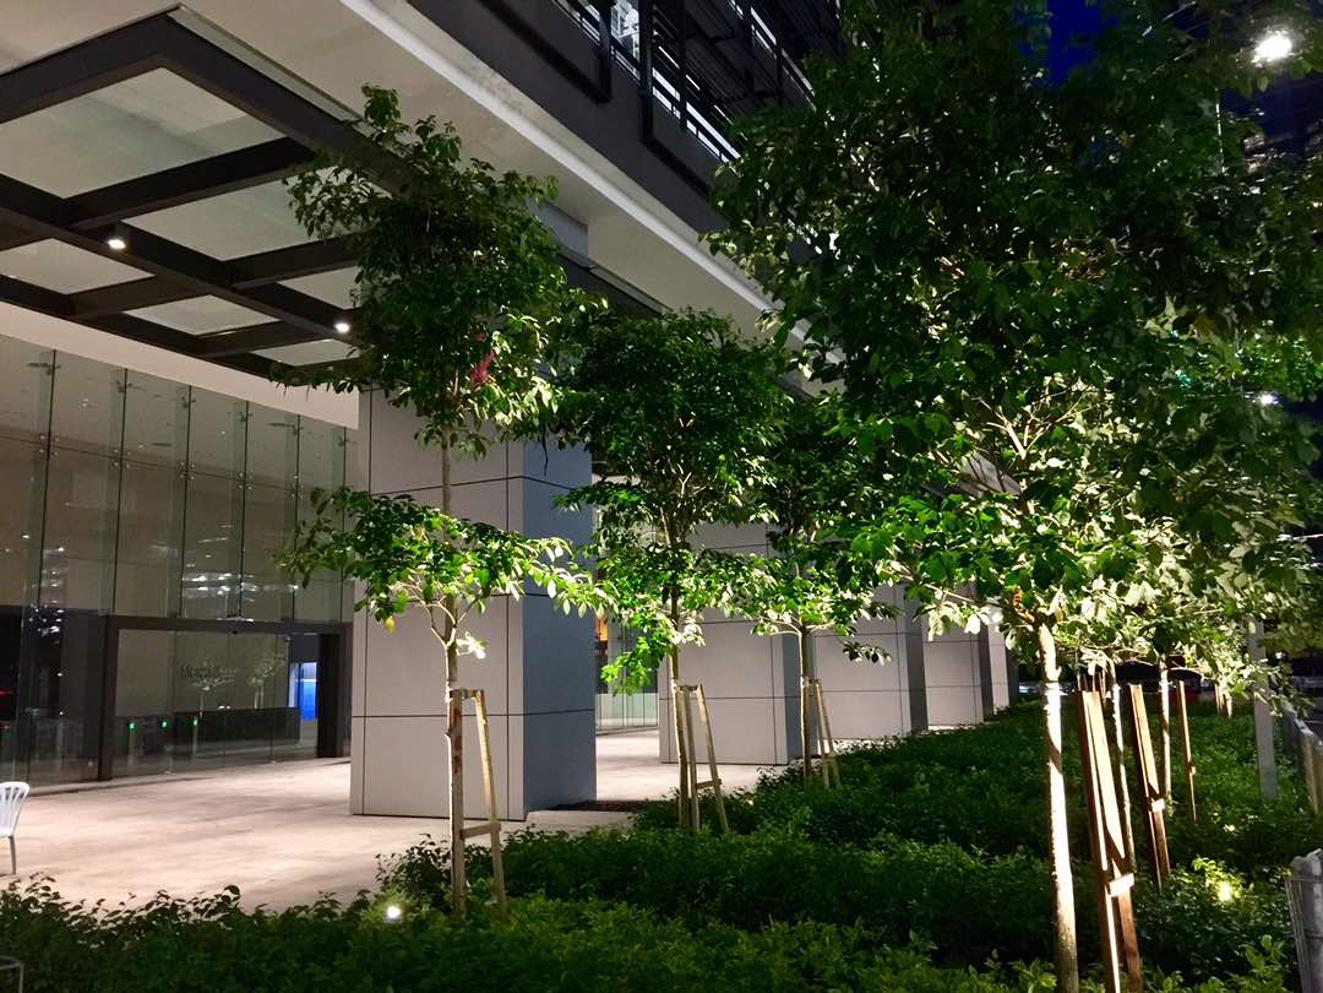 Kl eco city malaysia rp design illuminazione m sdn bhd